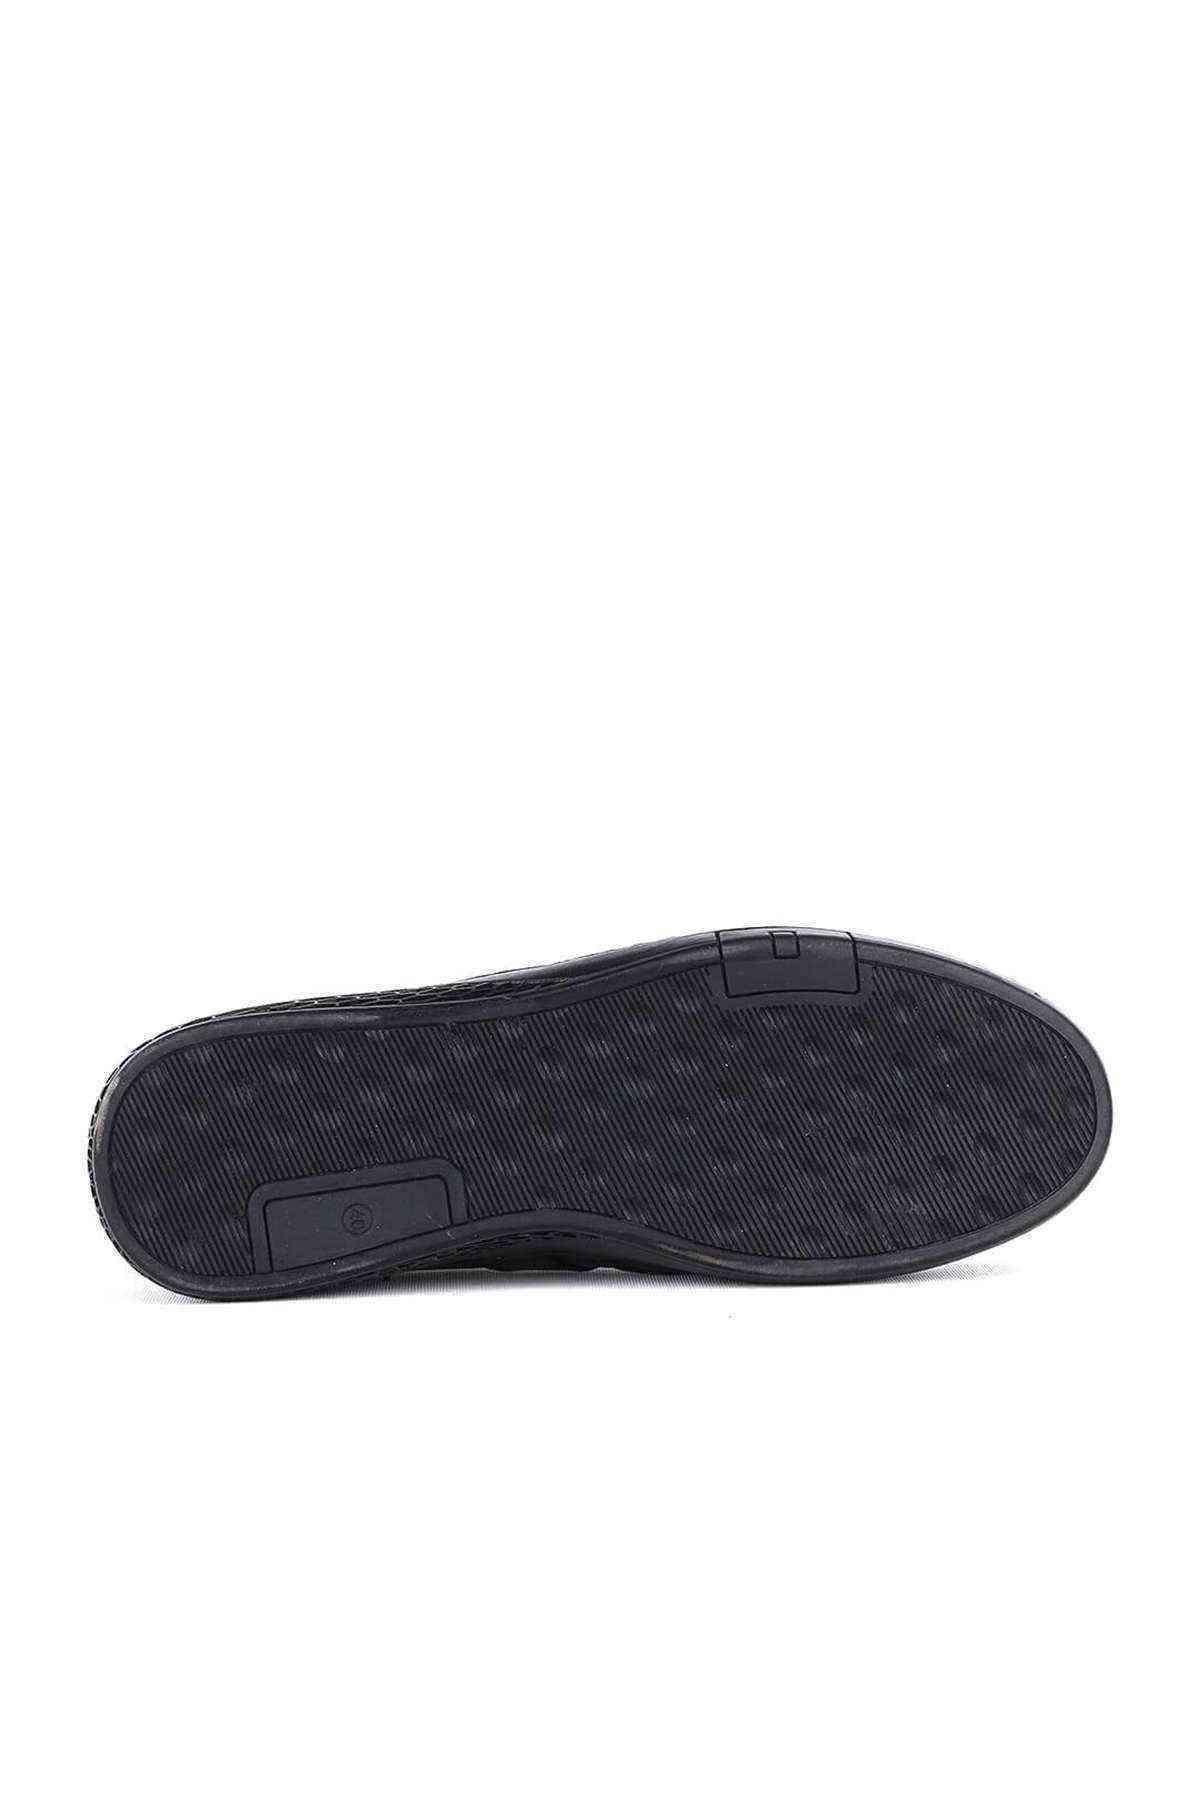 Siyah Erkak Casual Ayakkabı - F-801